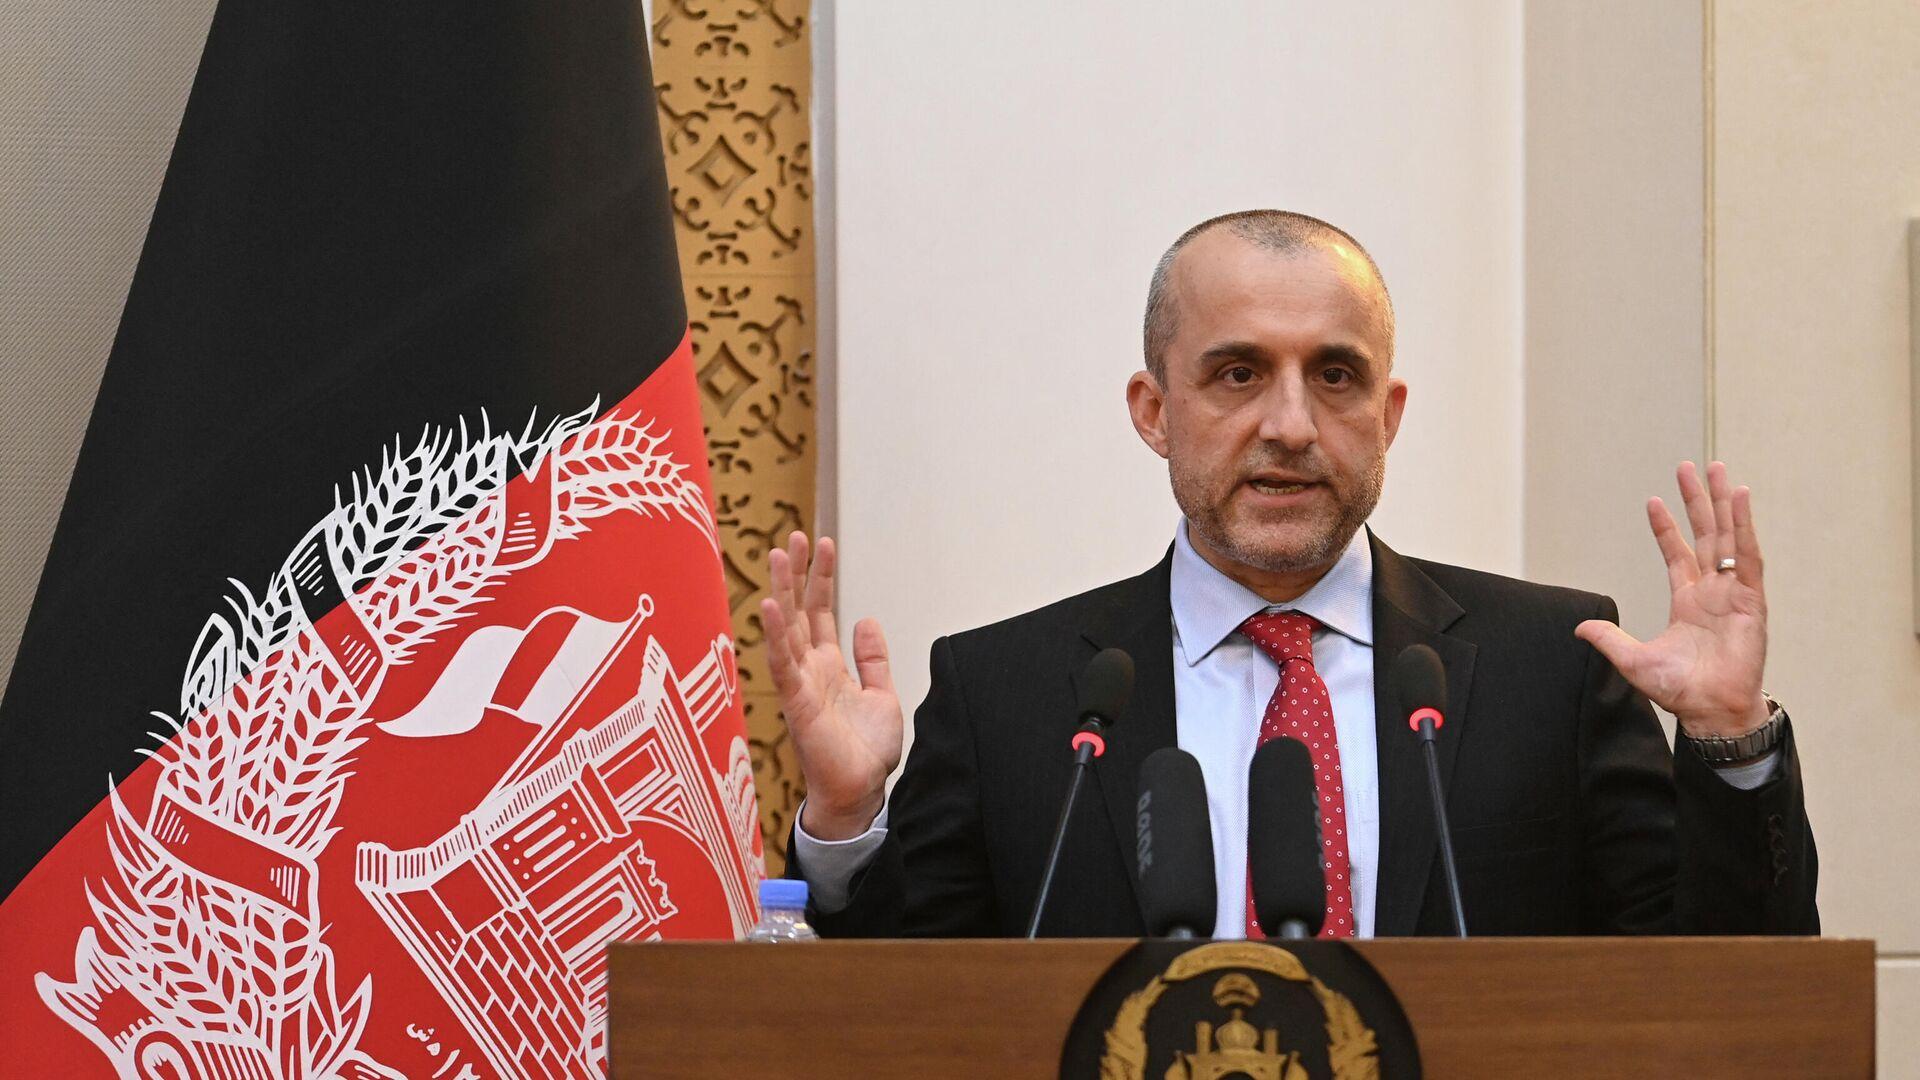 El vicepresidente afgano, Amrullah Saleh - Sputnik Mundo, 1920, 10.09.2021